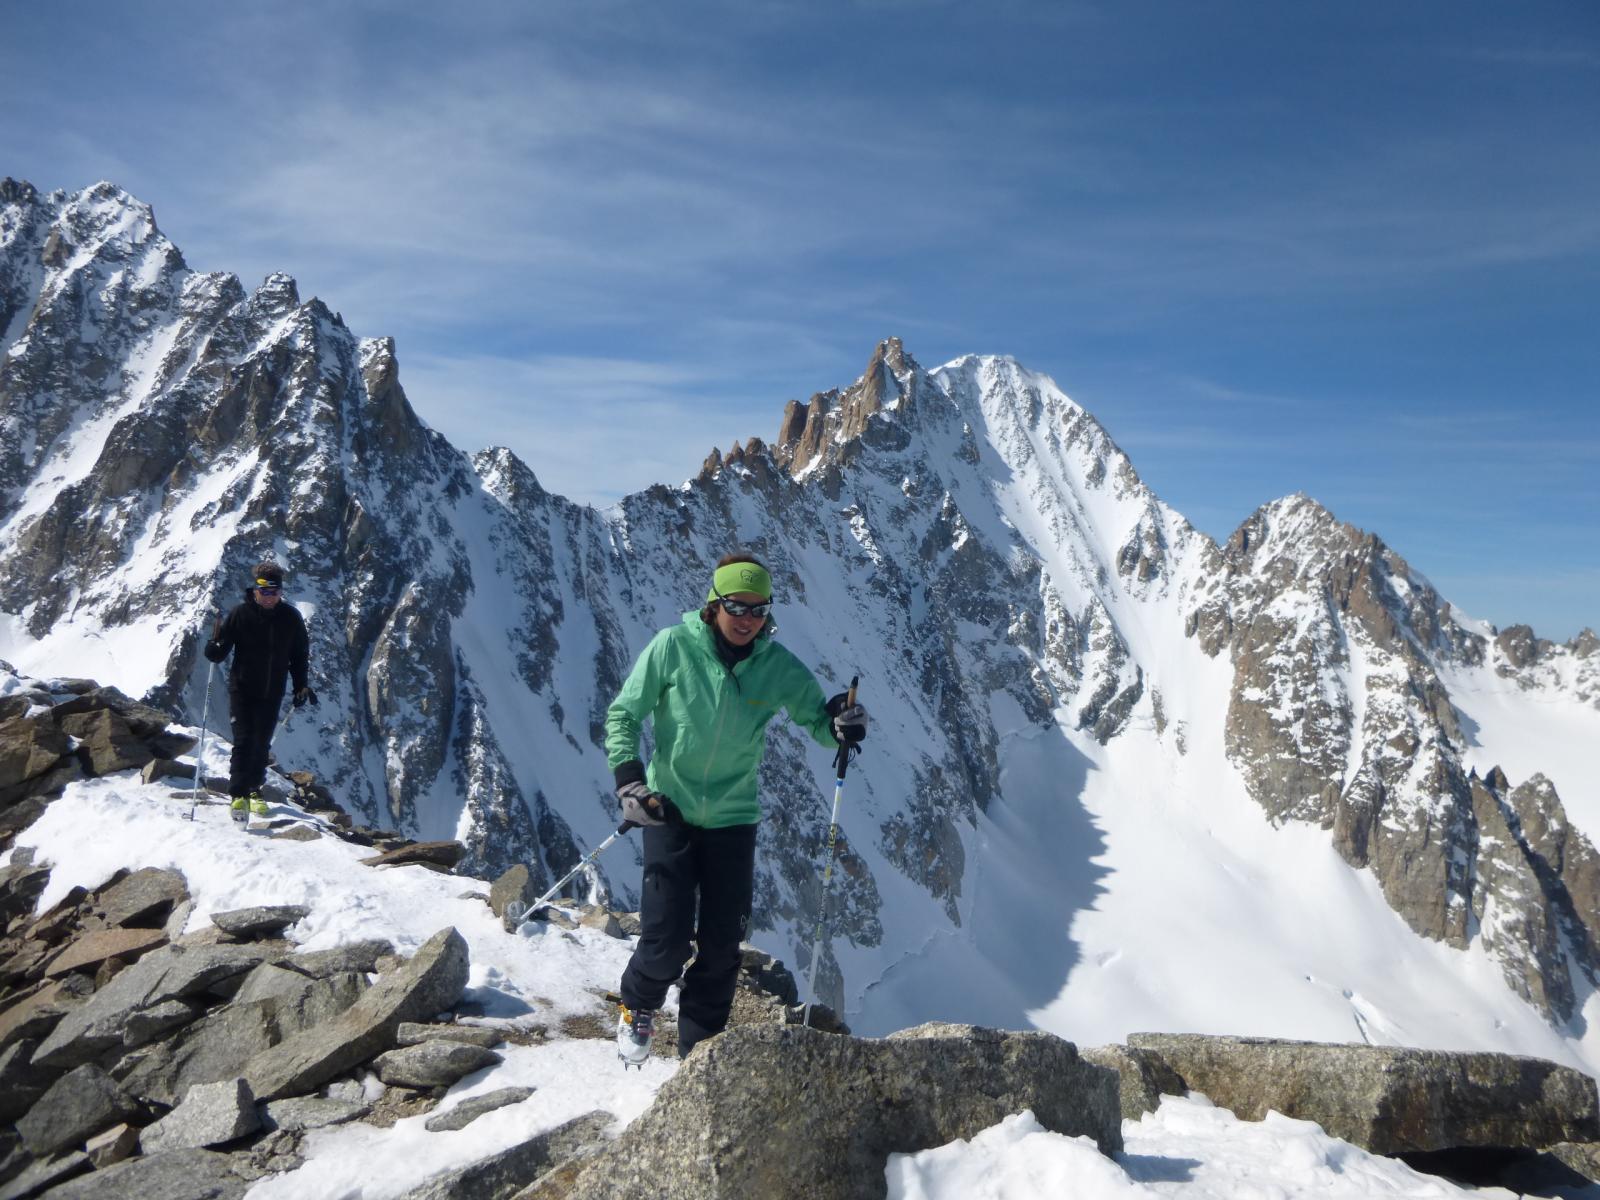 lungo la breve crestina con alle spalle la parete nord de l' Aiguille d' Argentiere